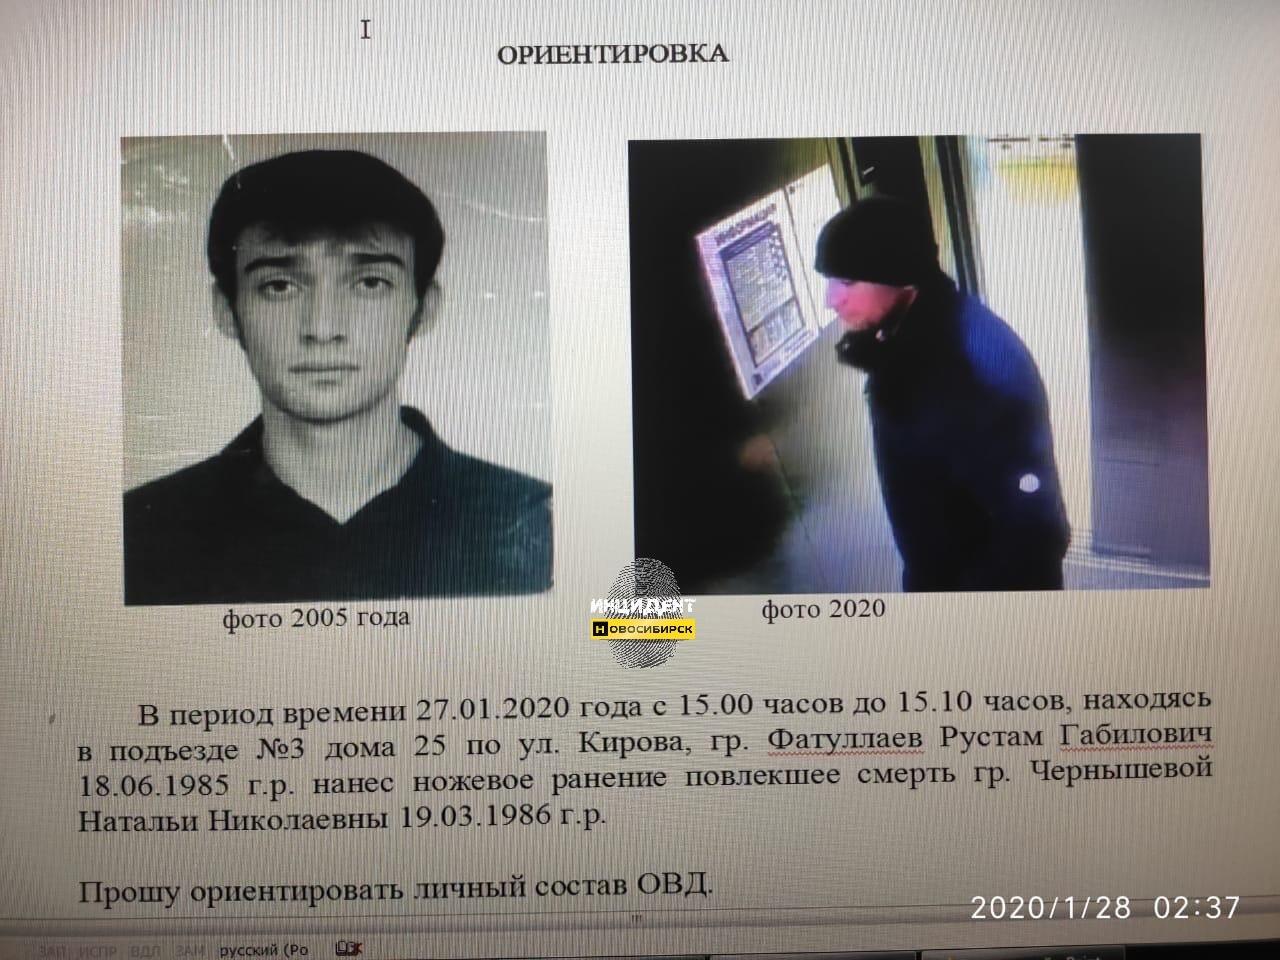 Личность подозреваемого установлена